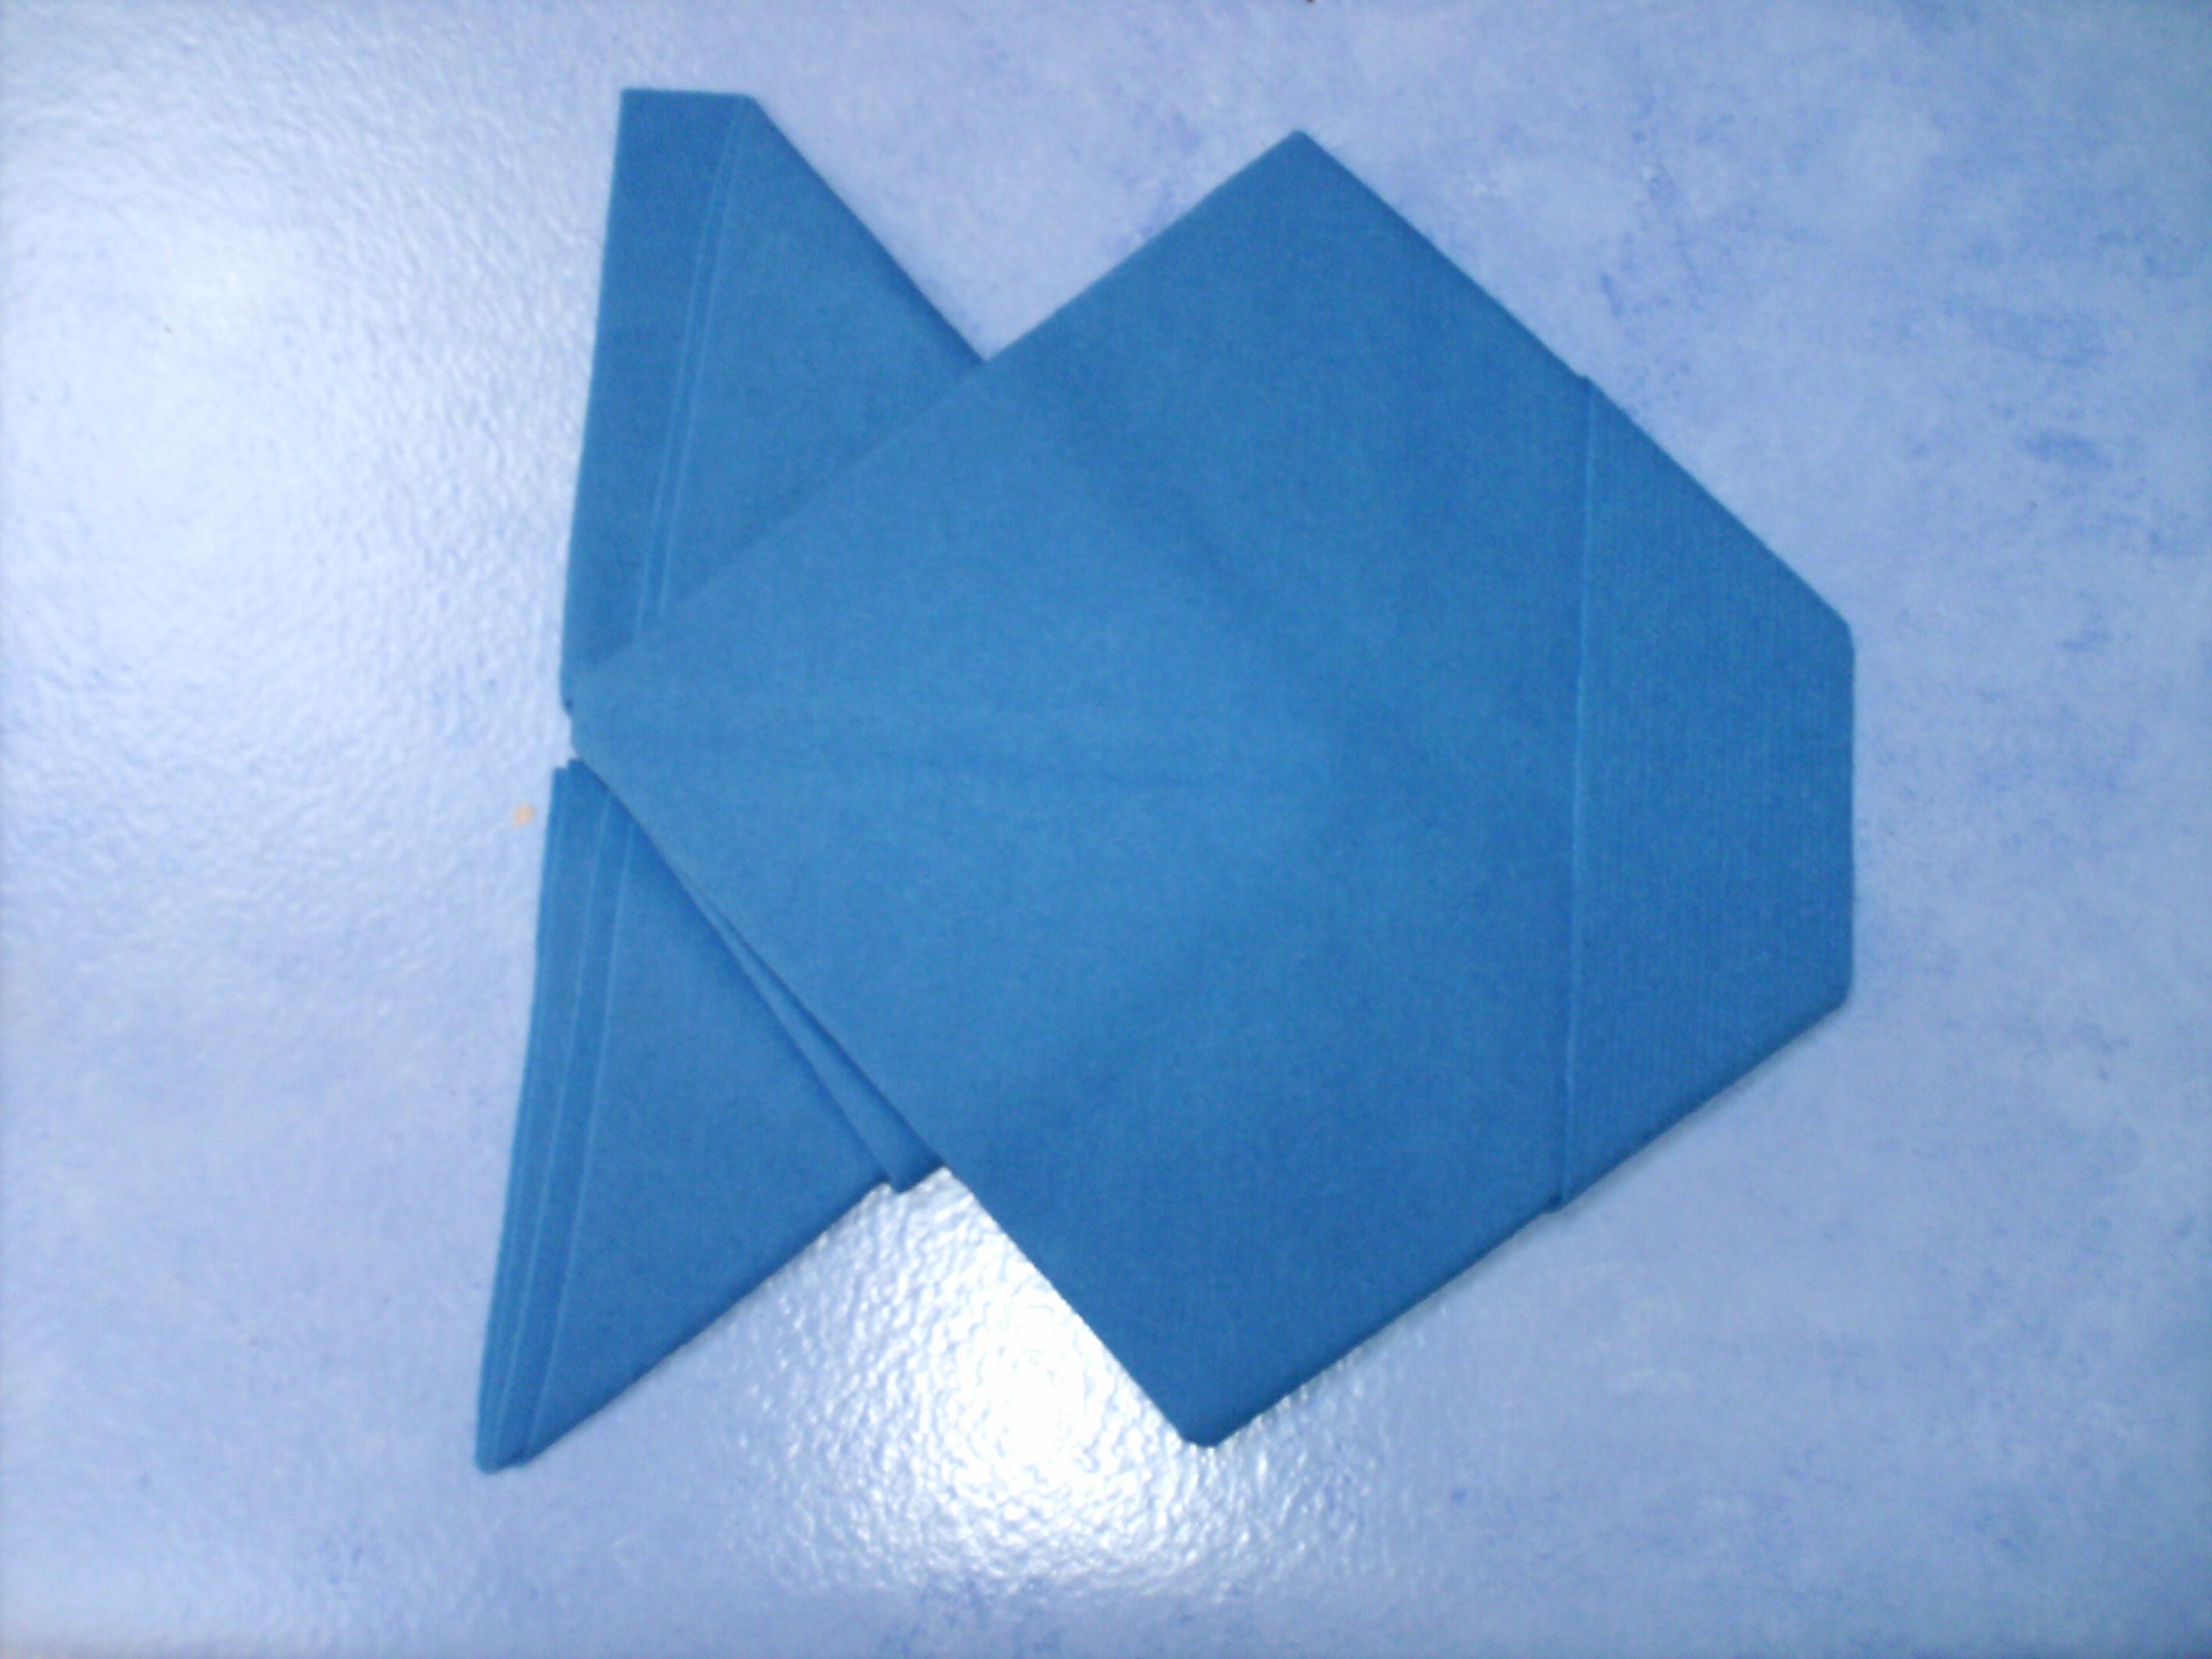 en forme de poisson pliage de serviettes loulette62 photos club doctissimo. Black Bedroom Furniture Sets. Home Design Ideas